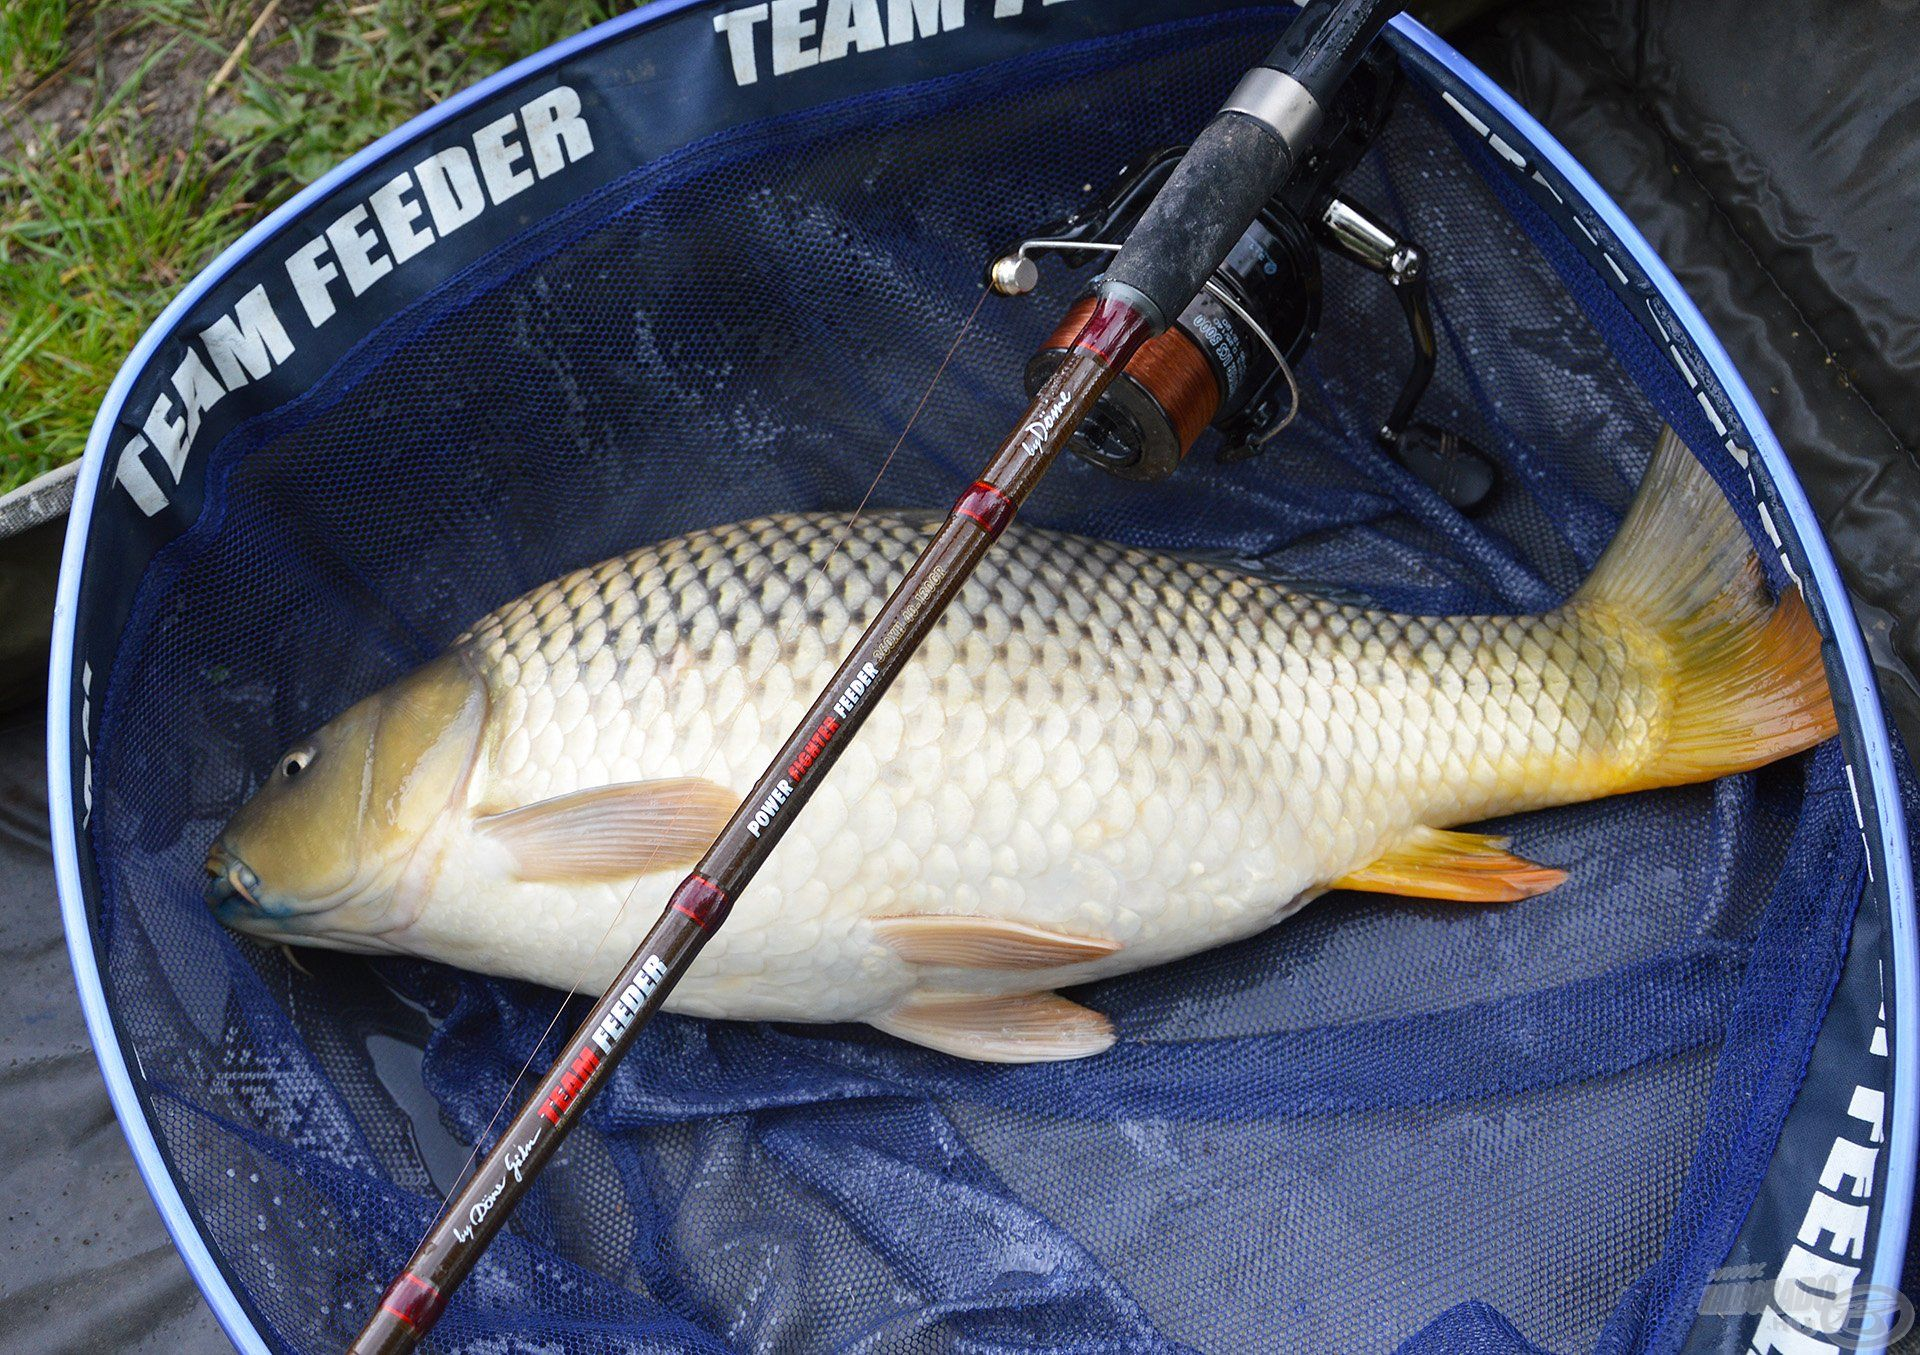 Minden hal megérdemli a kíméletes bánásmódot. A megfelelő merítőháló, matrac, szájfertőtlenítő bemutatására is hamarosan sor kerül